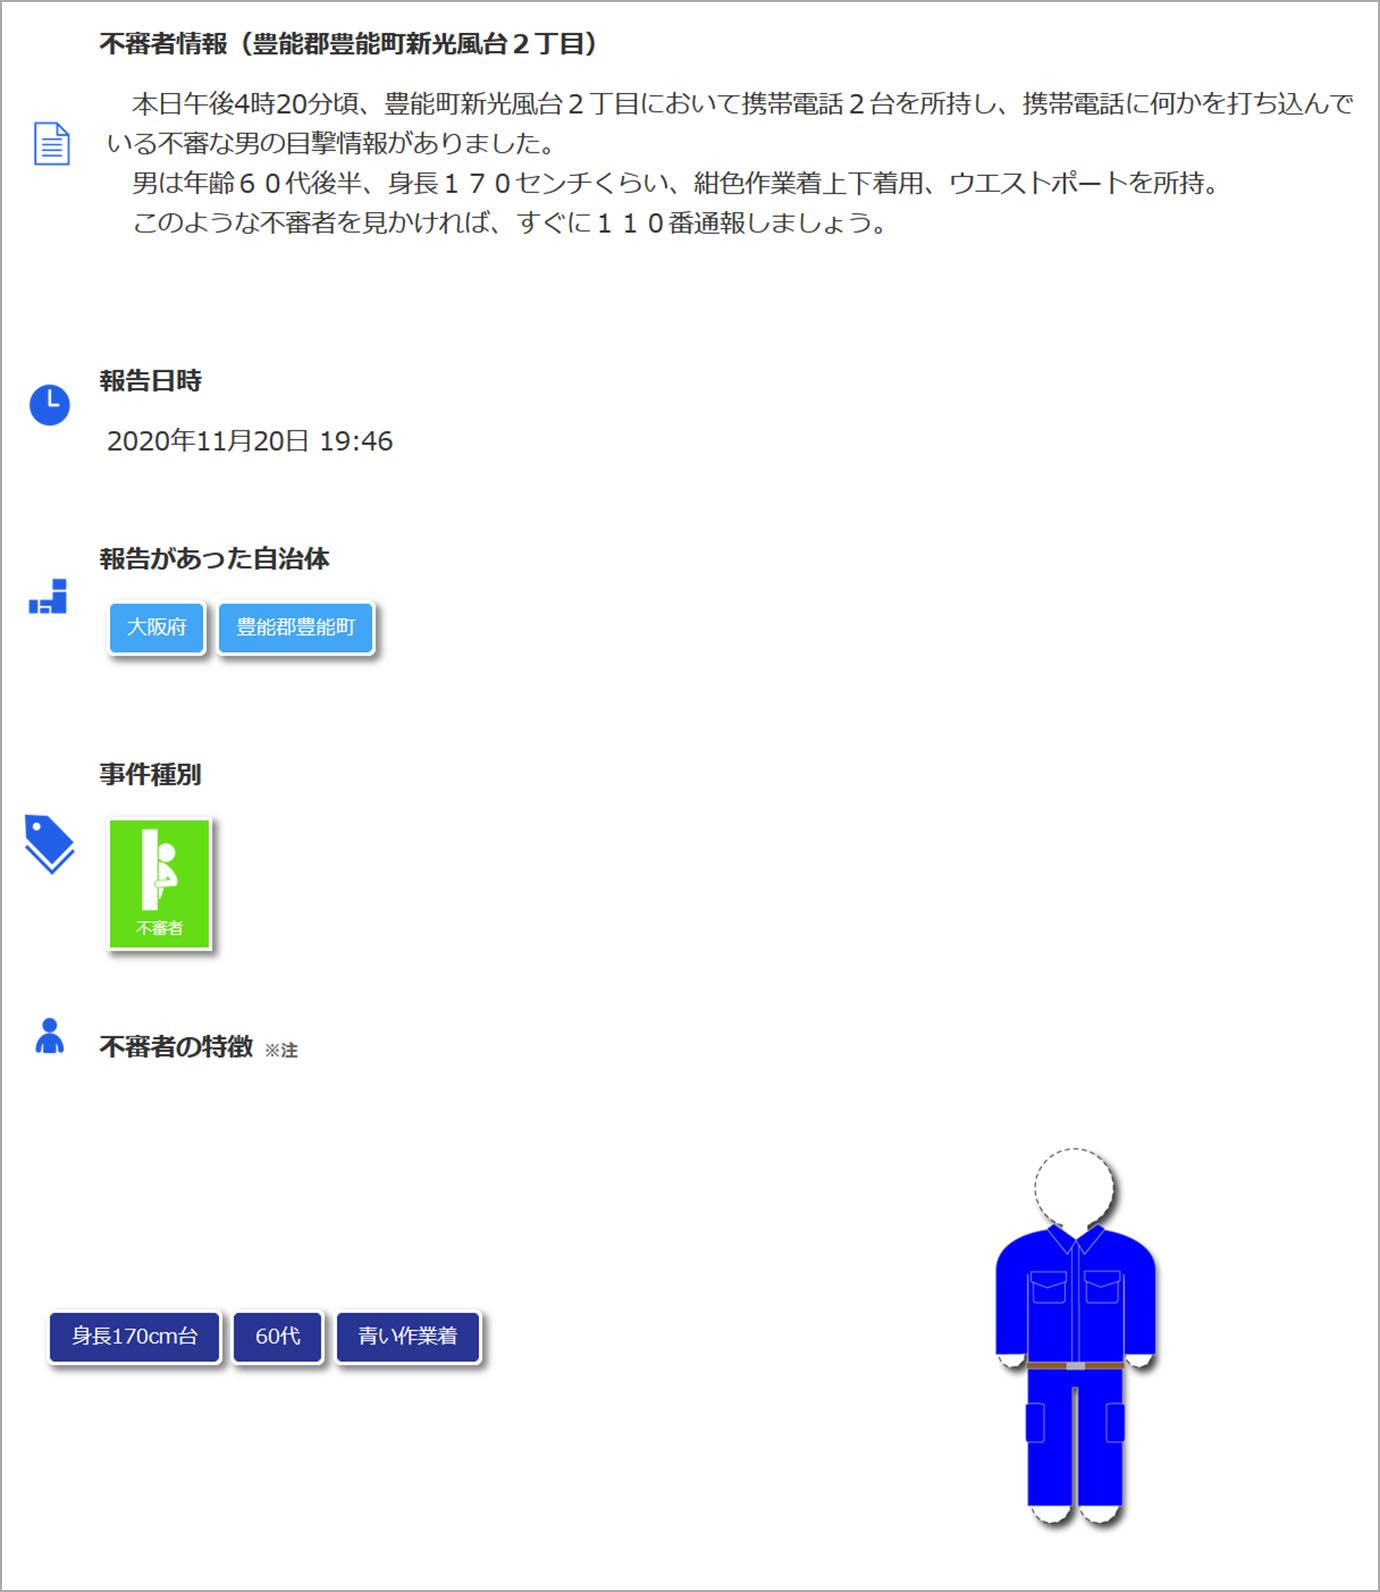 fushinsha